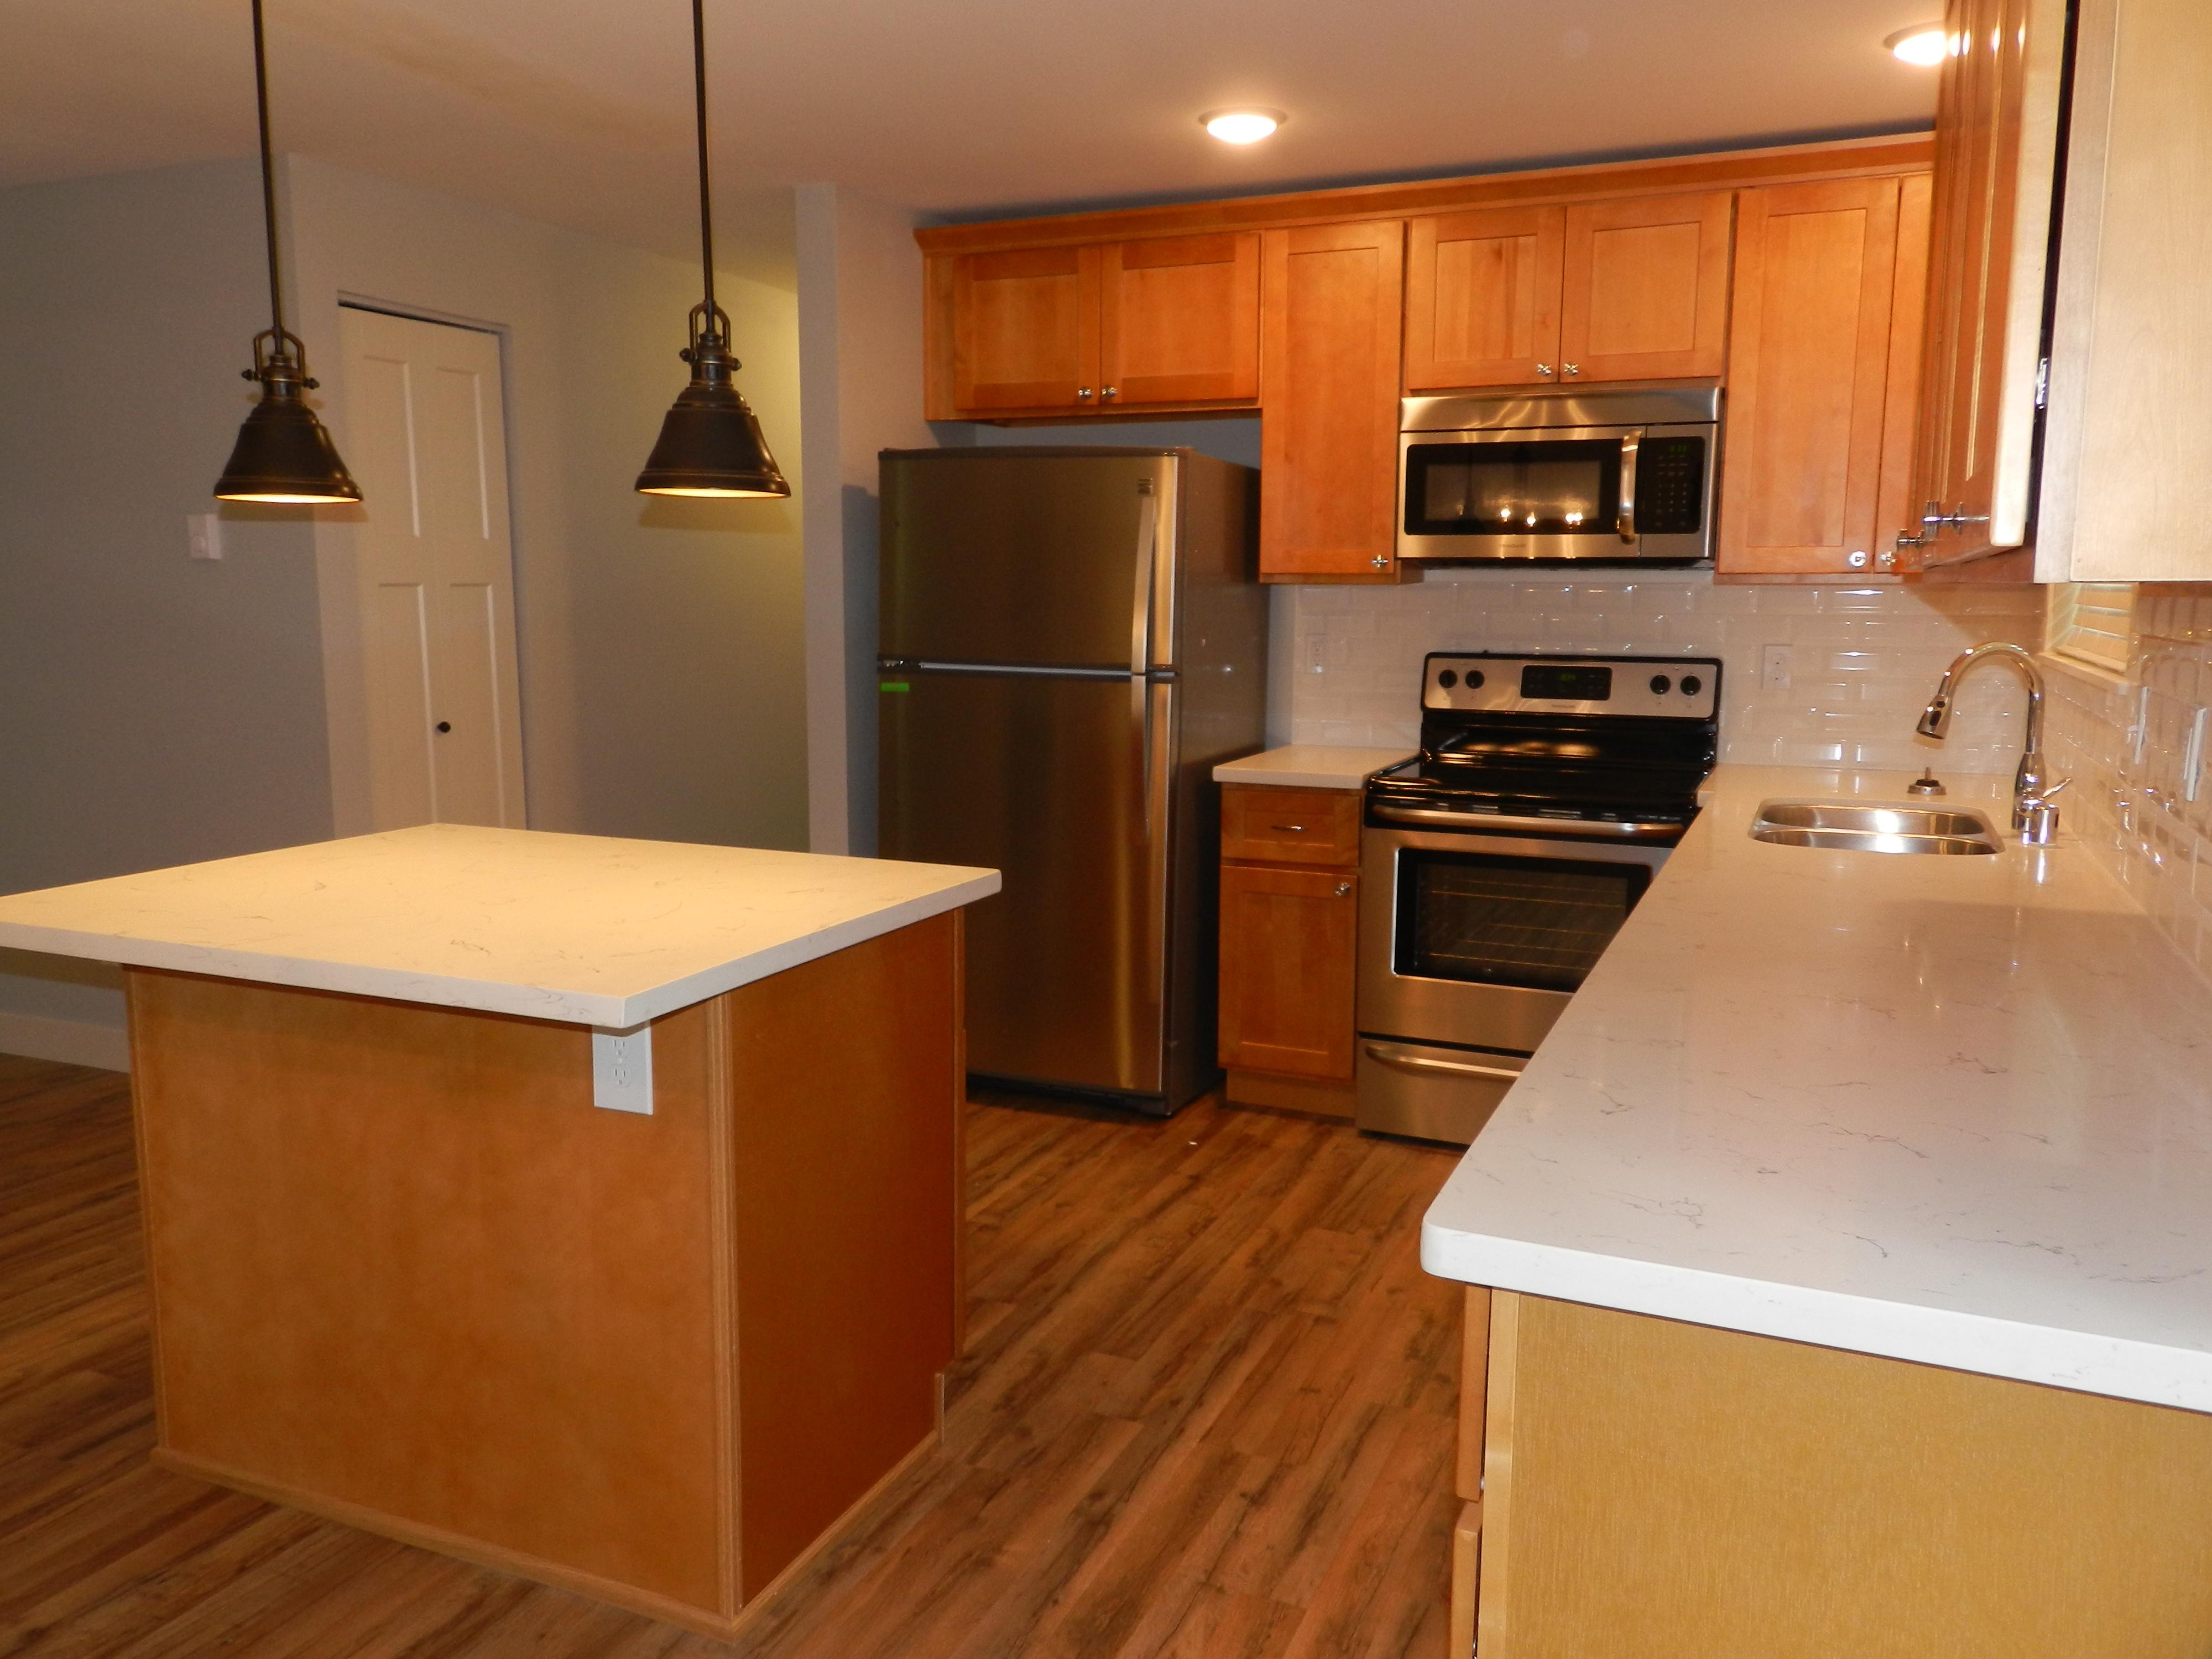 Tacoma Area Single Family 5605 N 39th St Tacoma Wa 98407